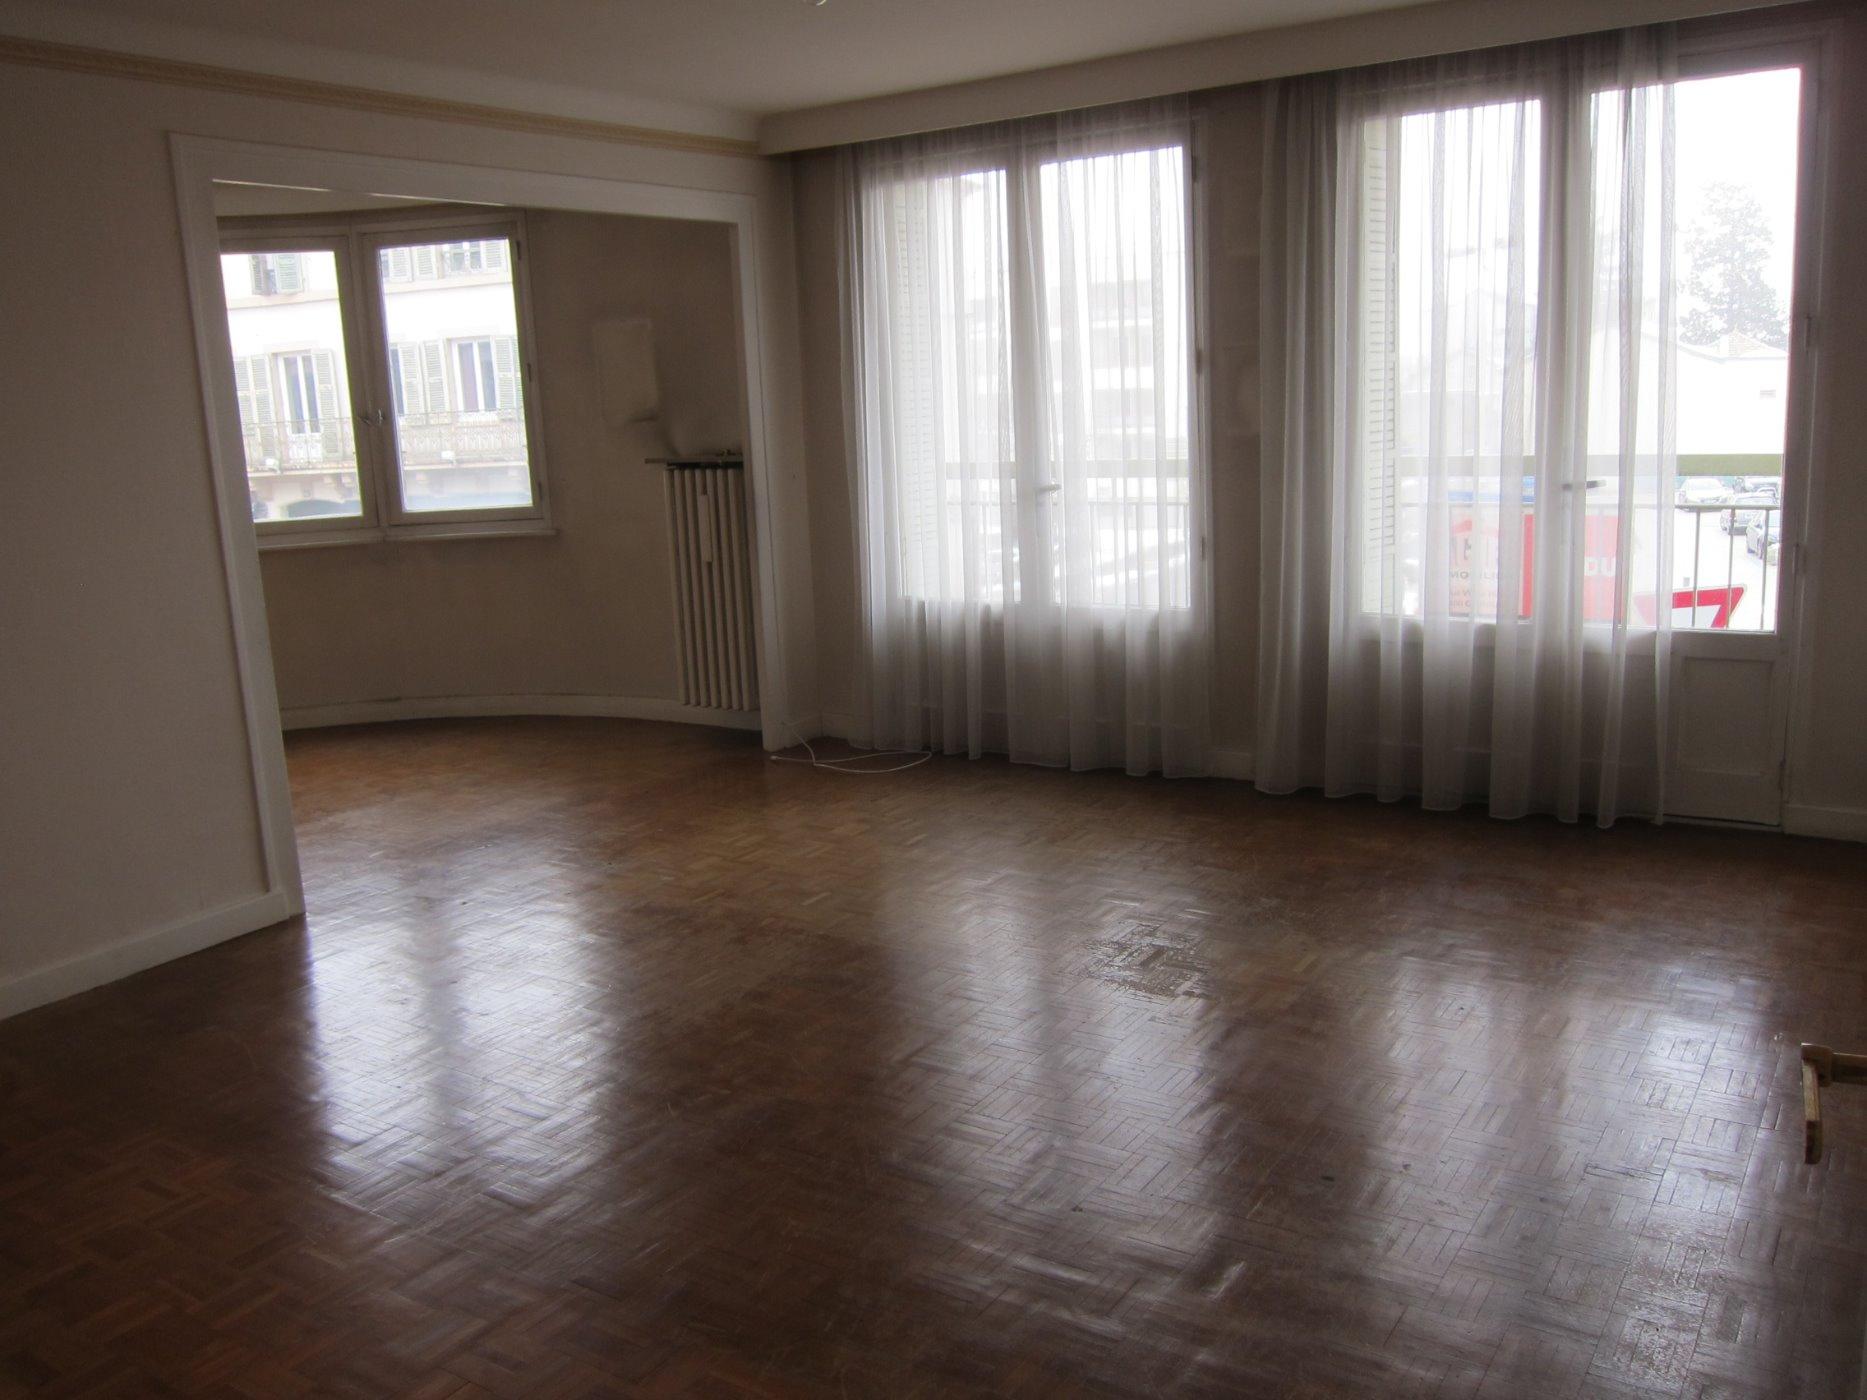 Kit Salle De Bain Pour Caravane ~ vente spacieux t4 avec cave grenier et garage